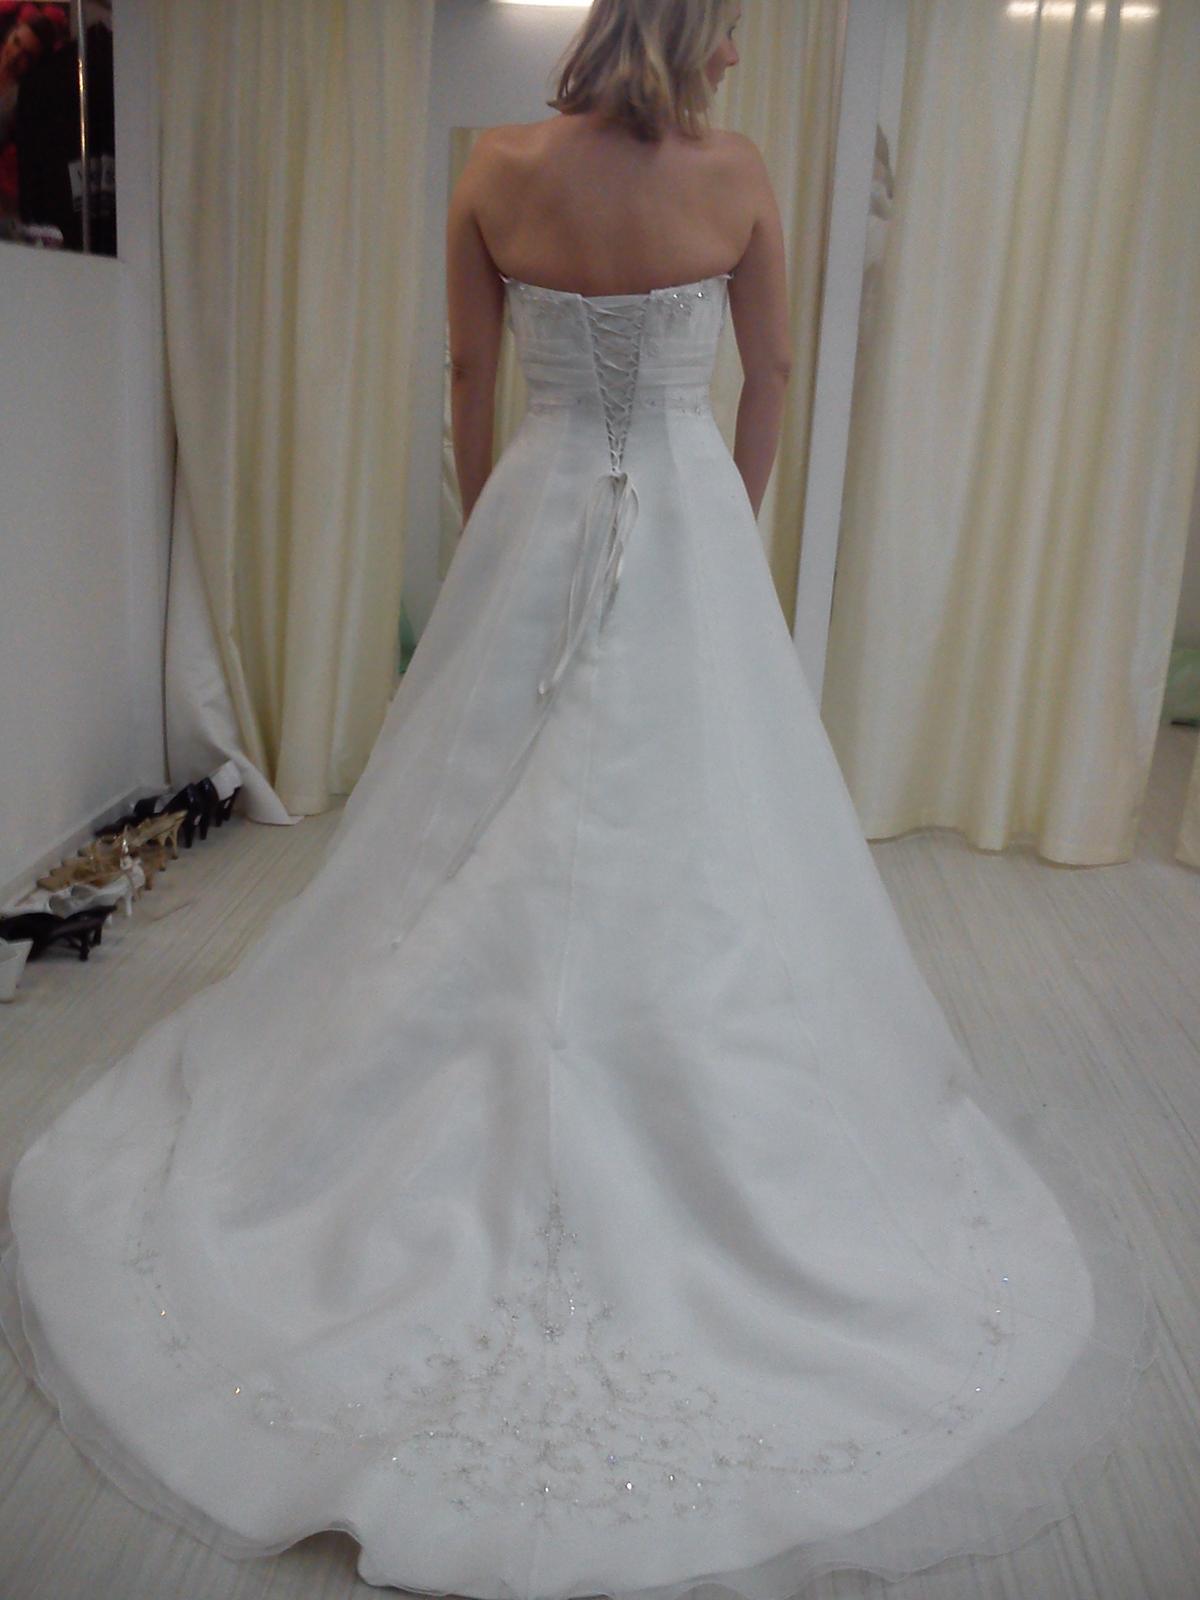 viki83 tak jak to tady čtu tak já jsem koupila nádherný princeznovský šaty  v Praze se závojem a bižu za 5500 974e4472875